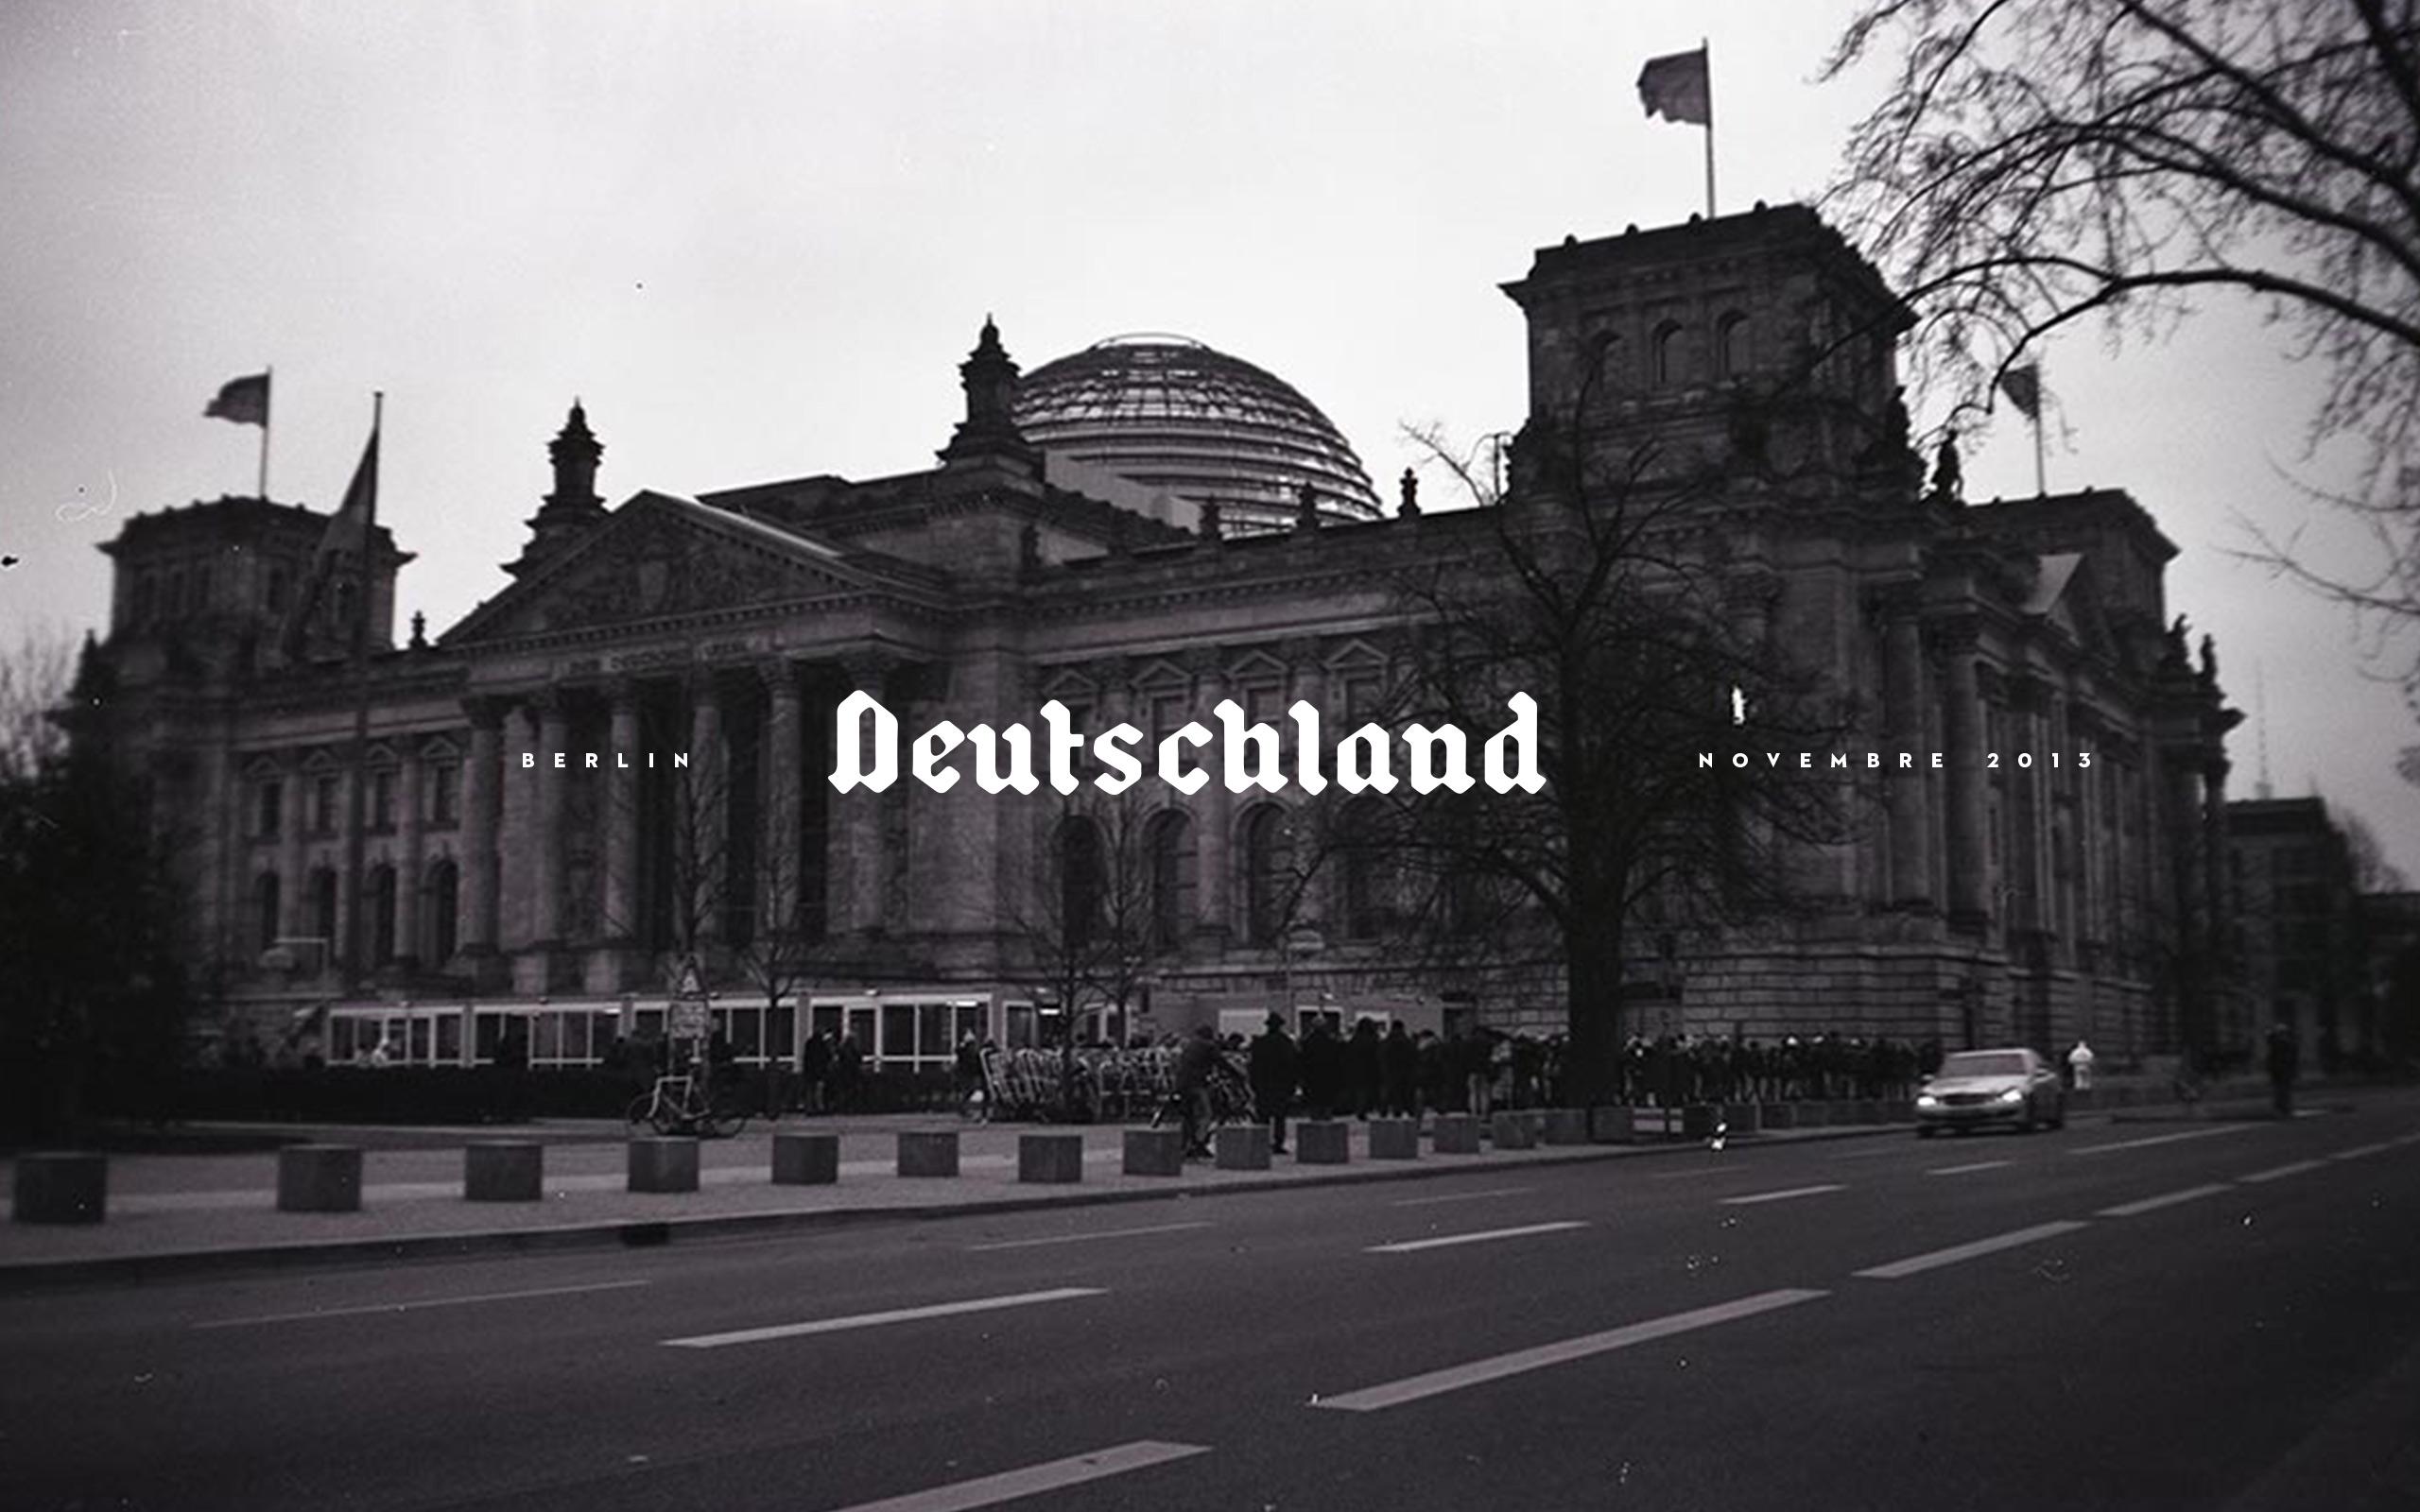 Berlin / Deutschland